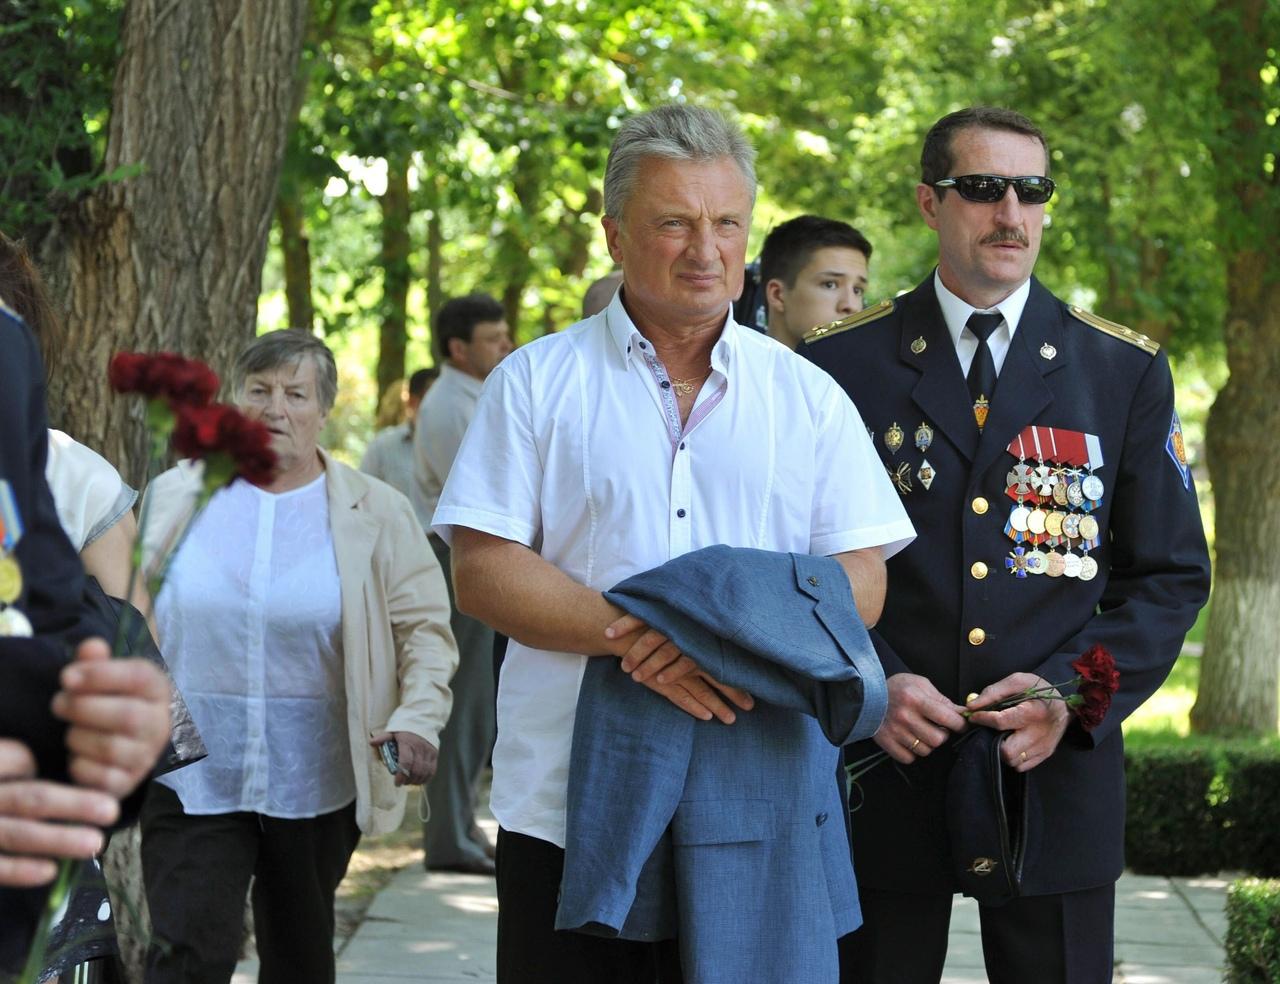 Полковник Юрий Дёмин (слева) во время штурма больницы получил тяжелейшую травму, но потом вернулся в строй. Фото Анны Ширяевой